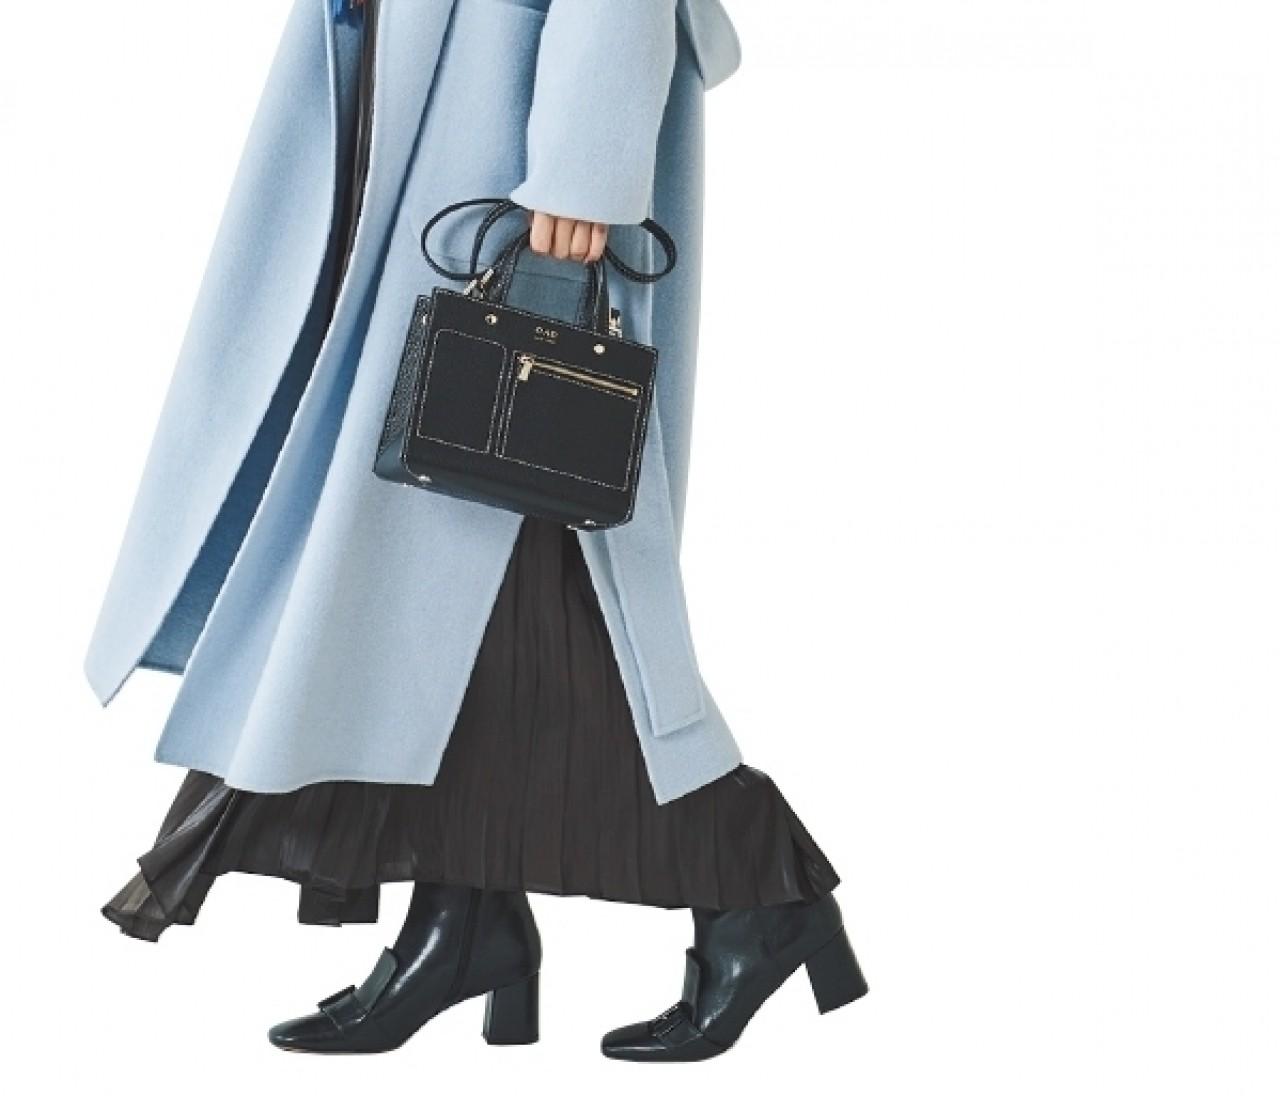 【きれい色コート】を着るなら、足元はモード&強め柄で主張して